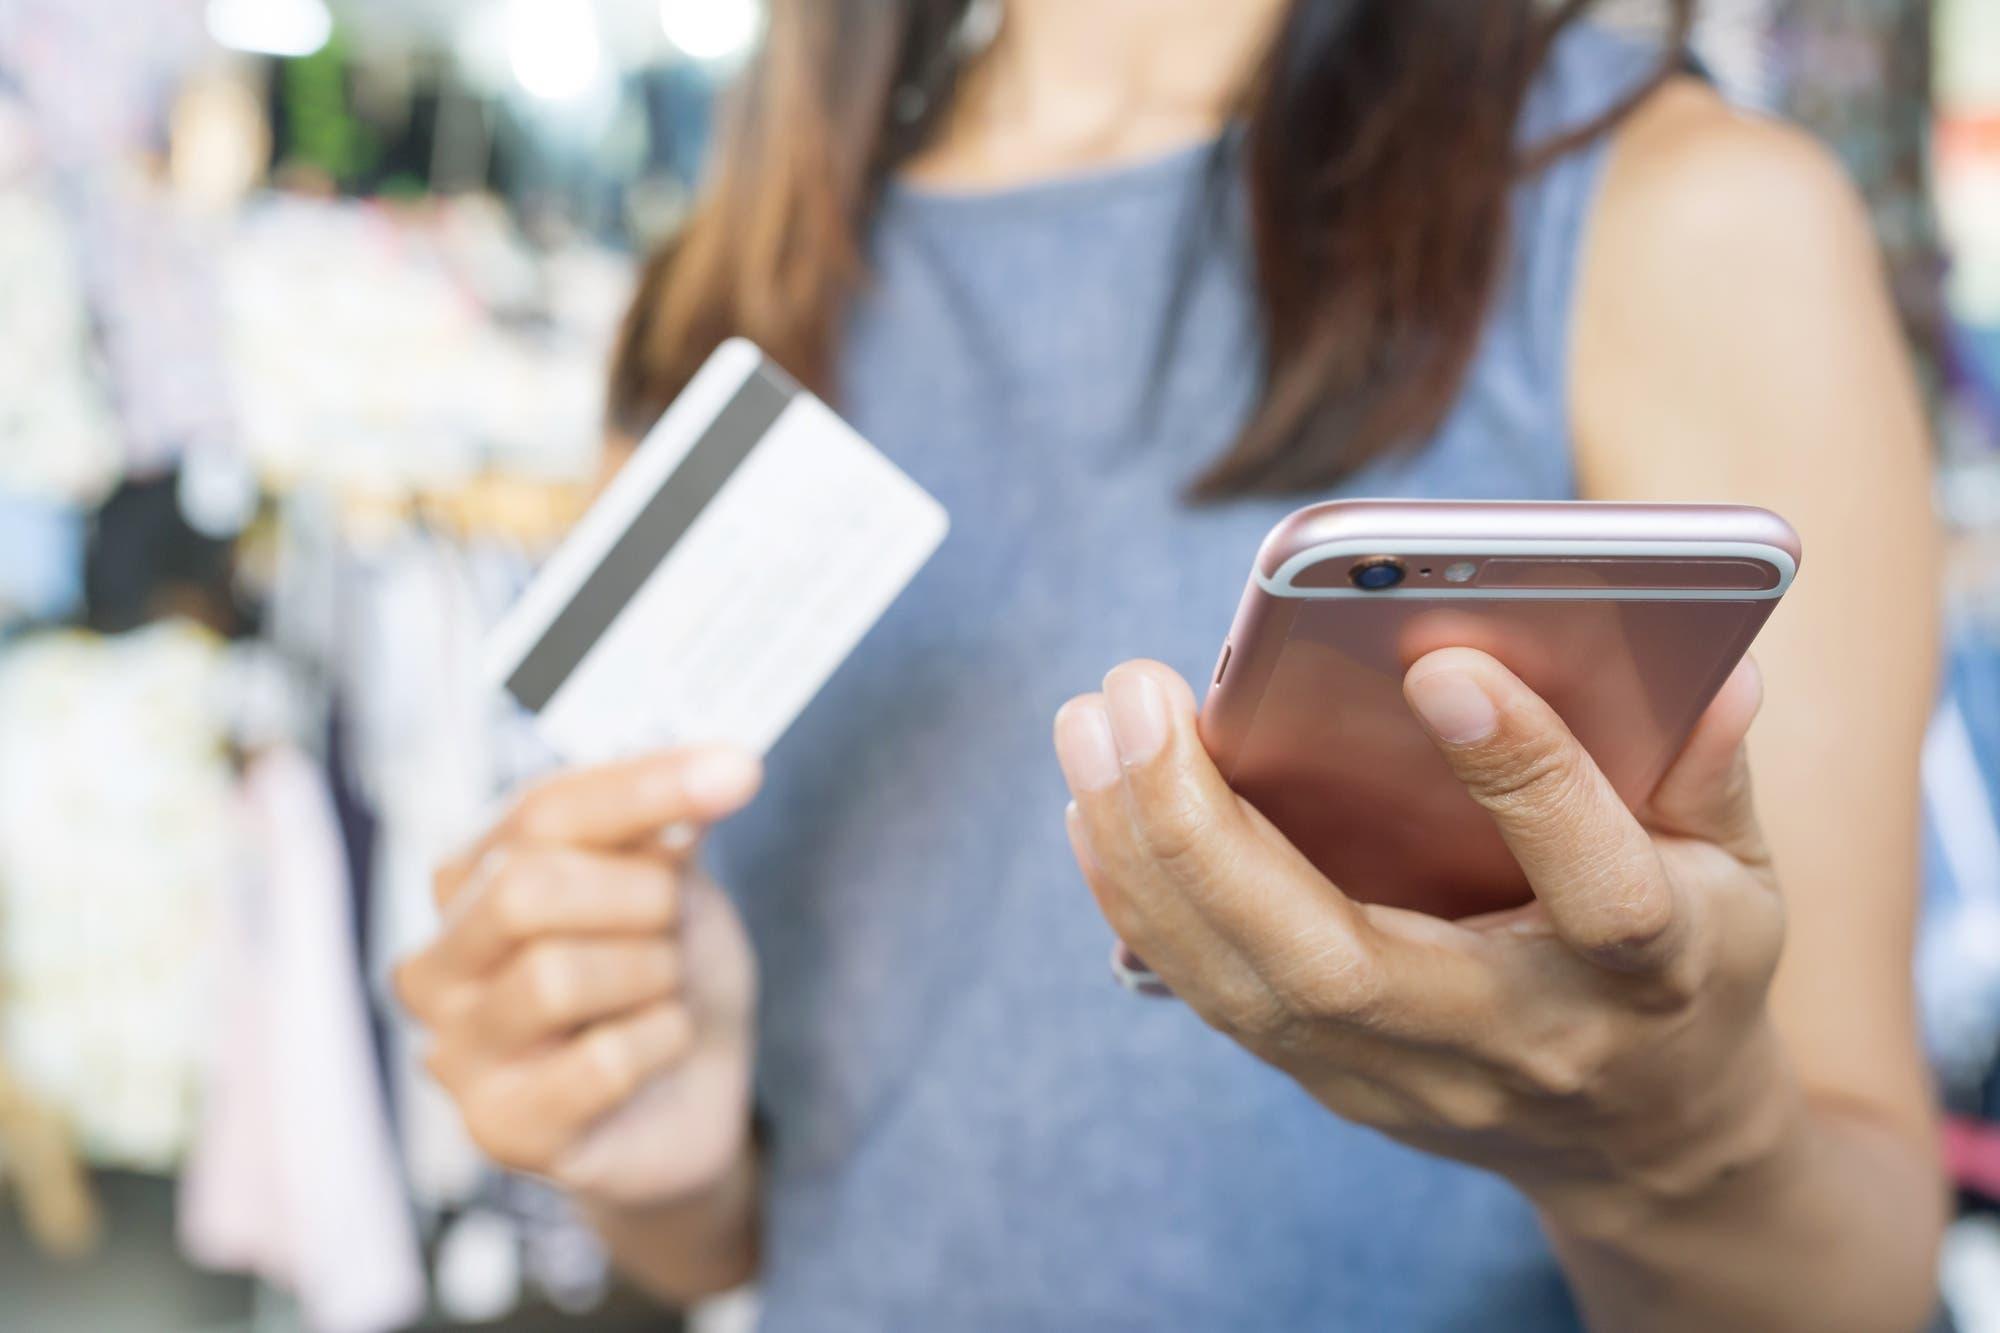 Tecnología contra la exclusión de una sociedad sin dinero en efectivo